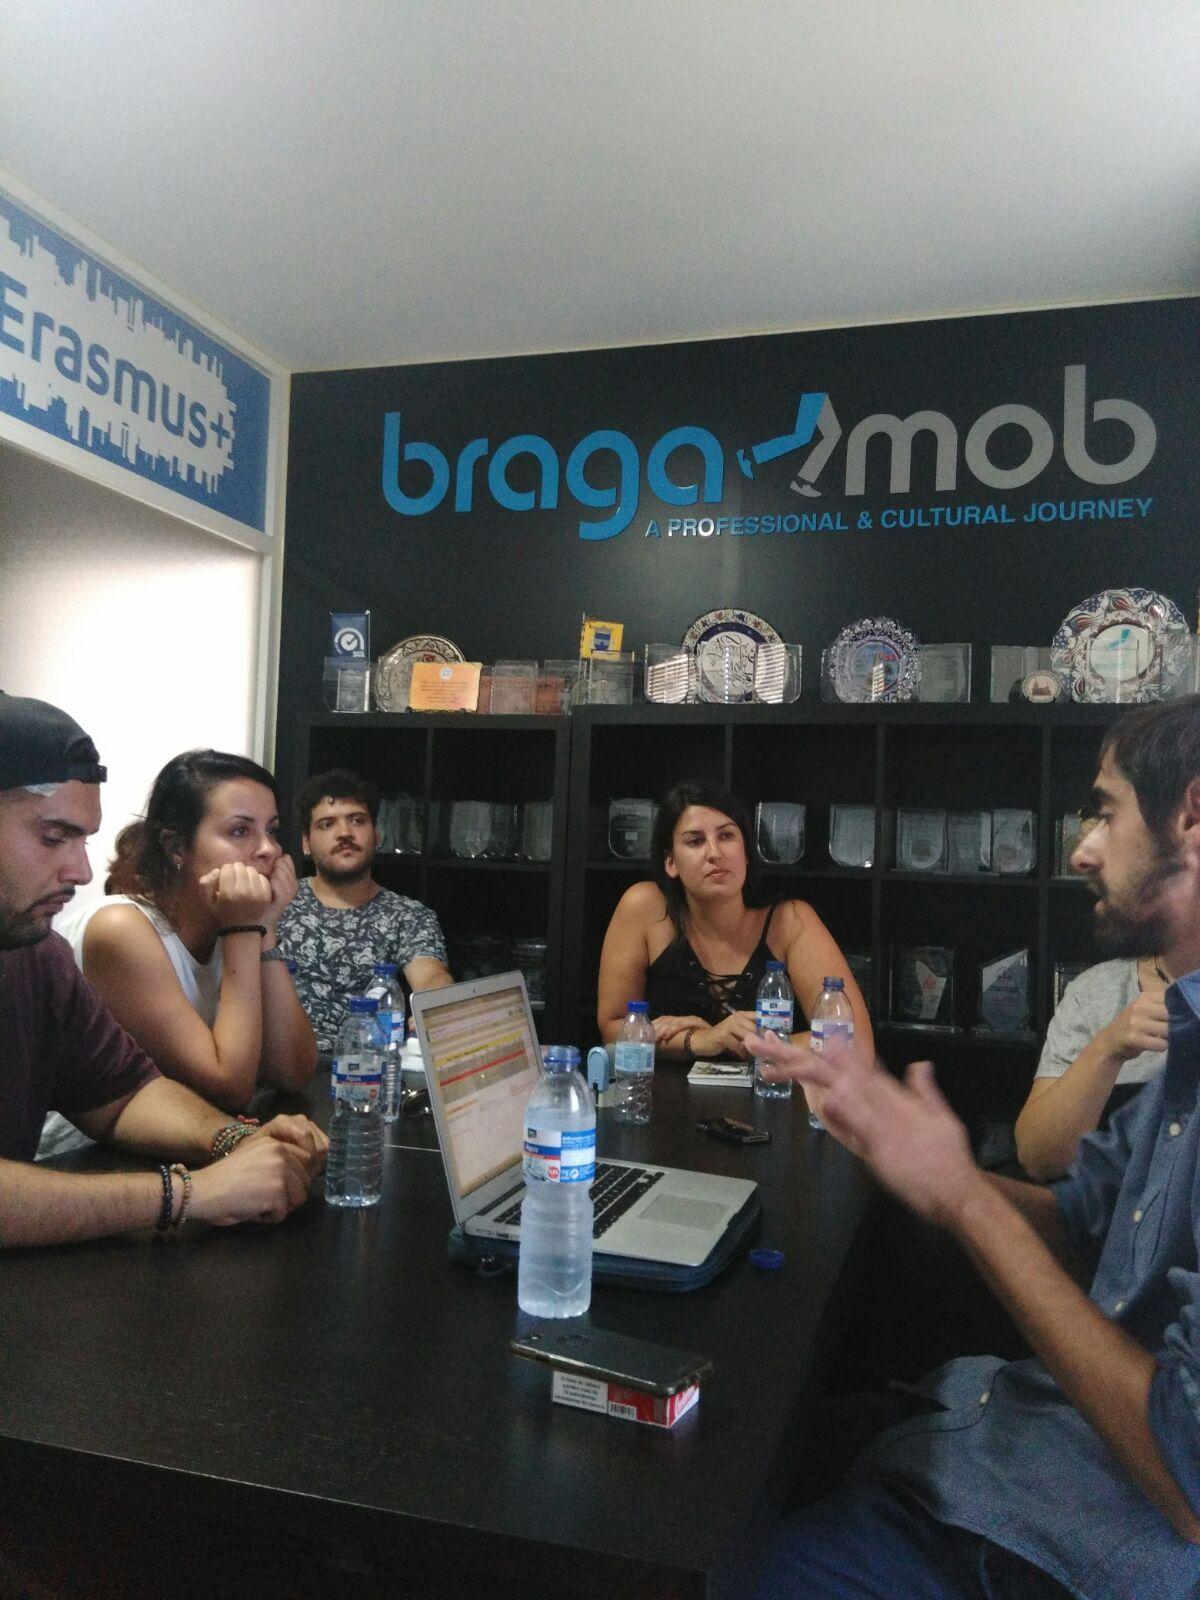 Llegada Braga Galeuropa Mestura bragamob